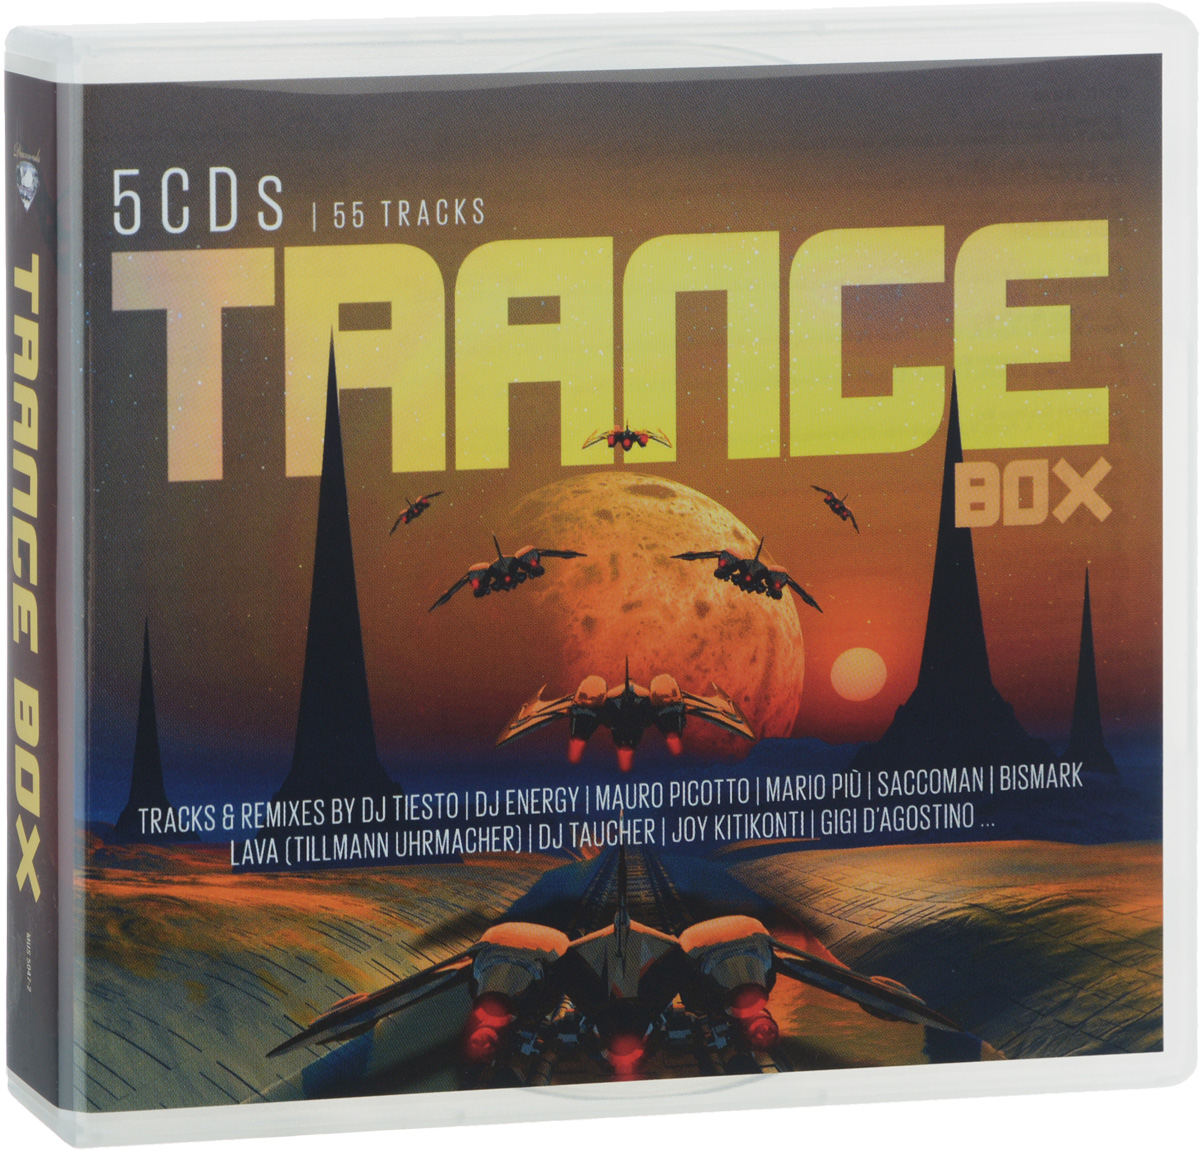 цена на Марио Пиу Trance Box (5 CD)